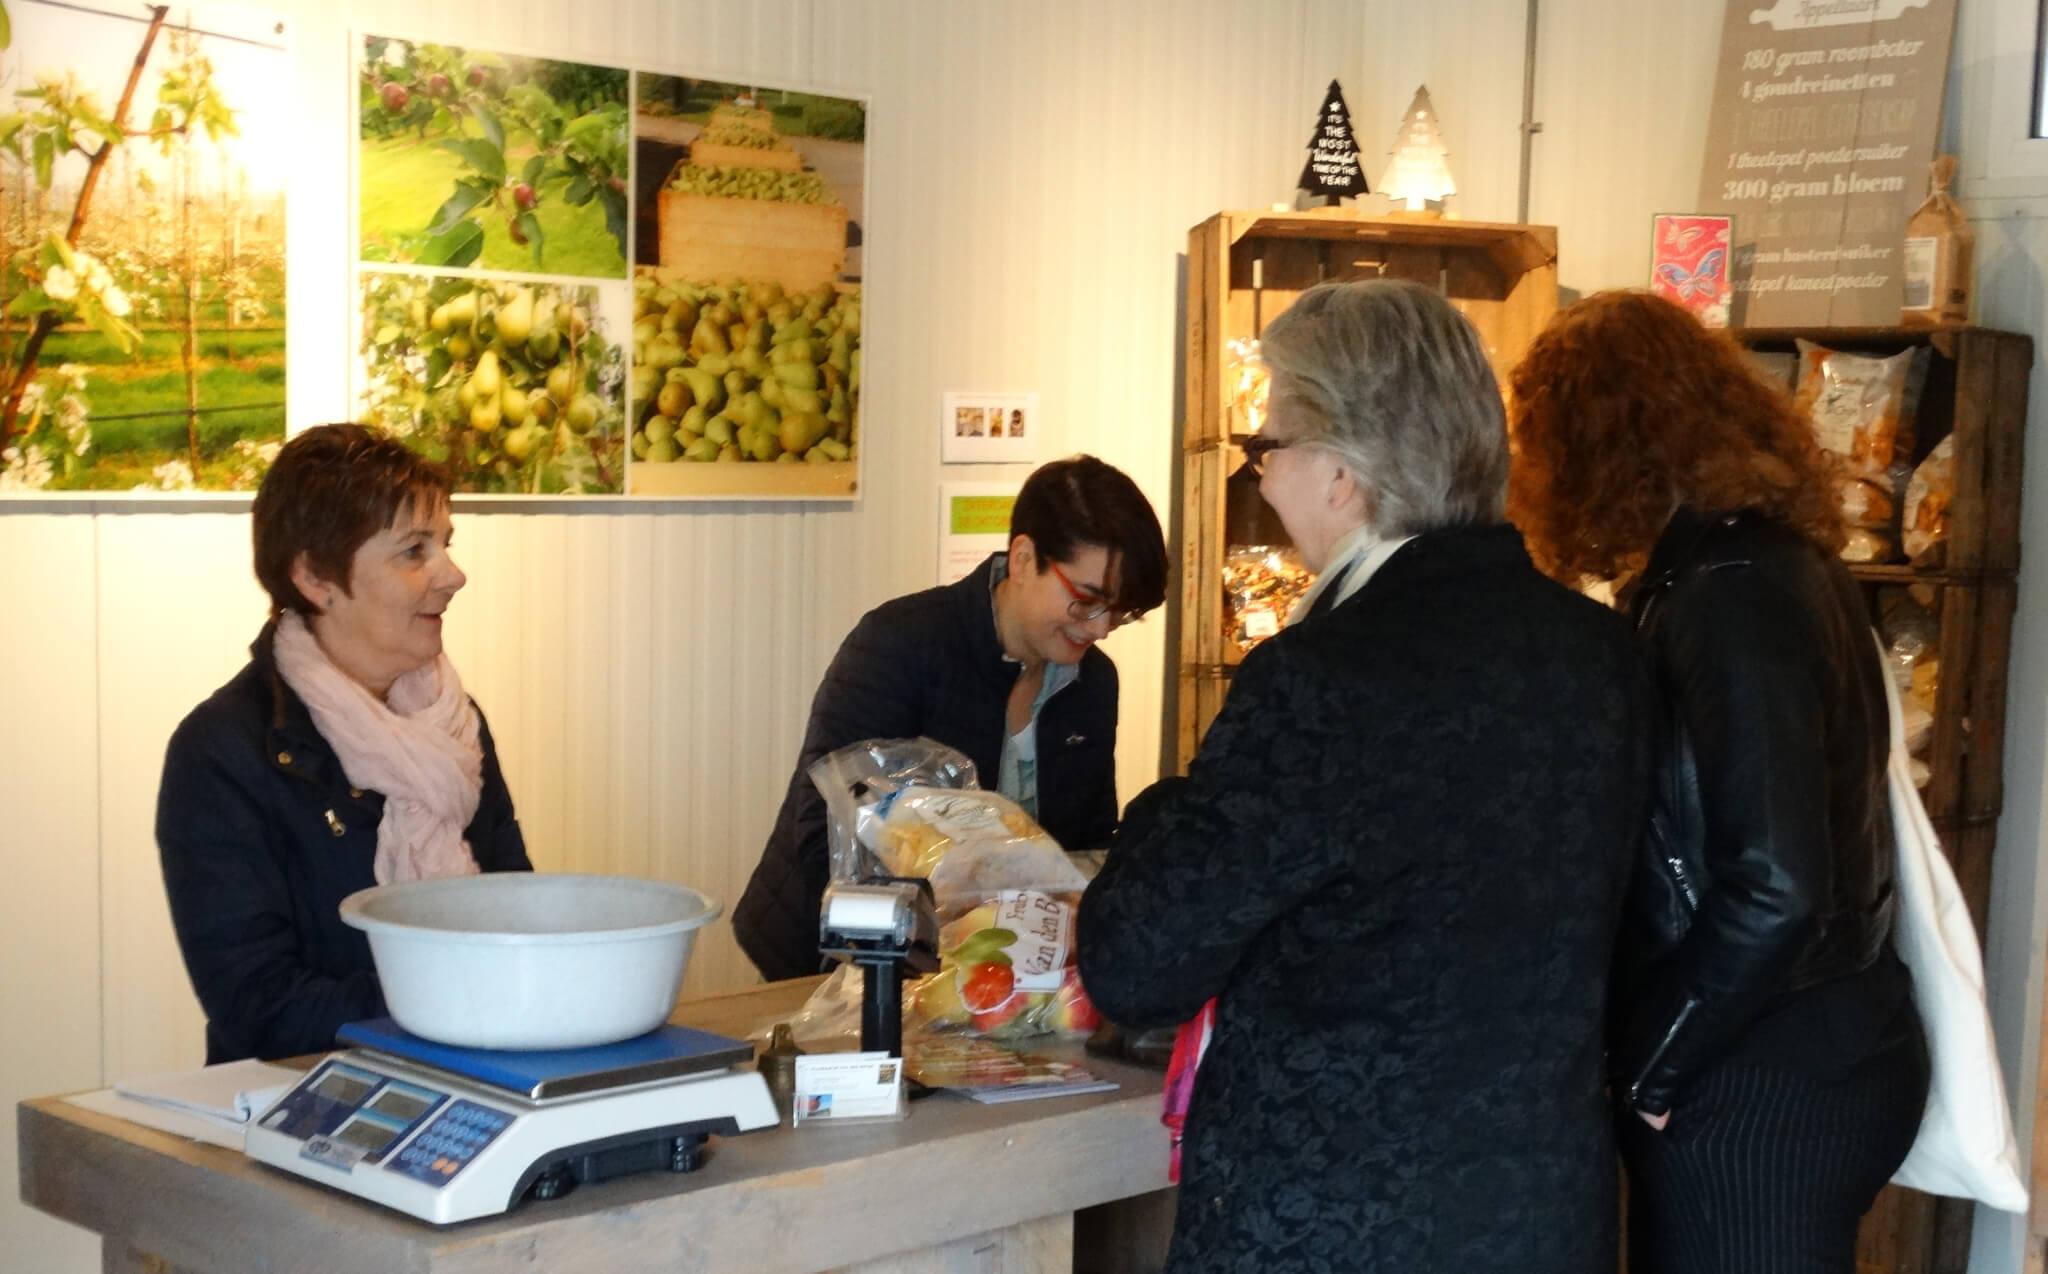 Fruitbedrijf-Van-den-Berge_1e verjaardag _4